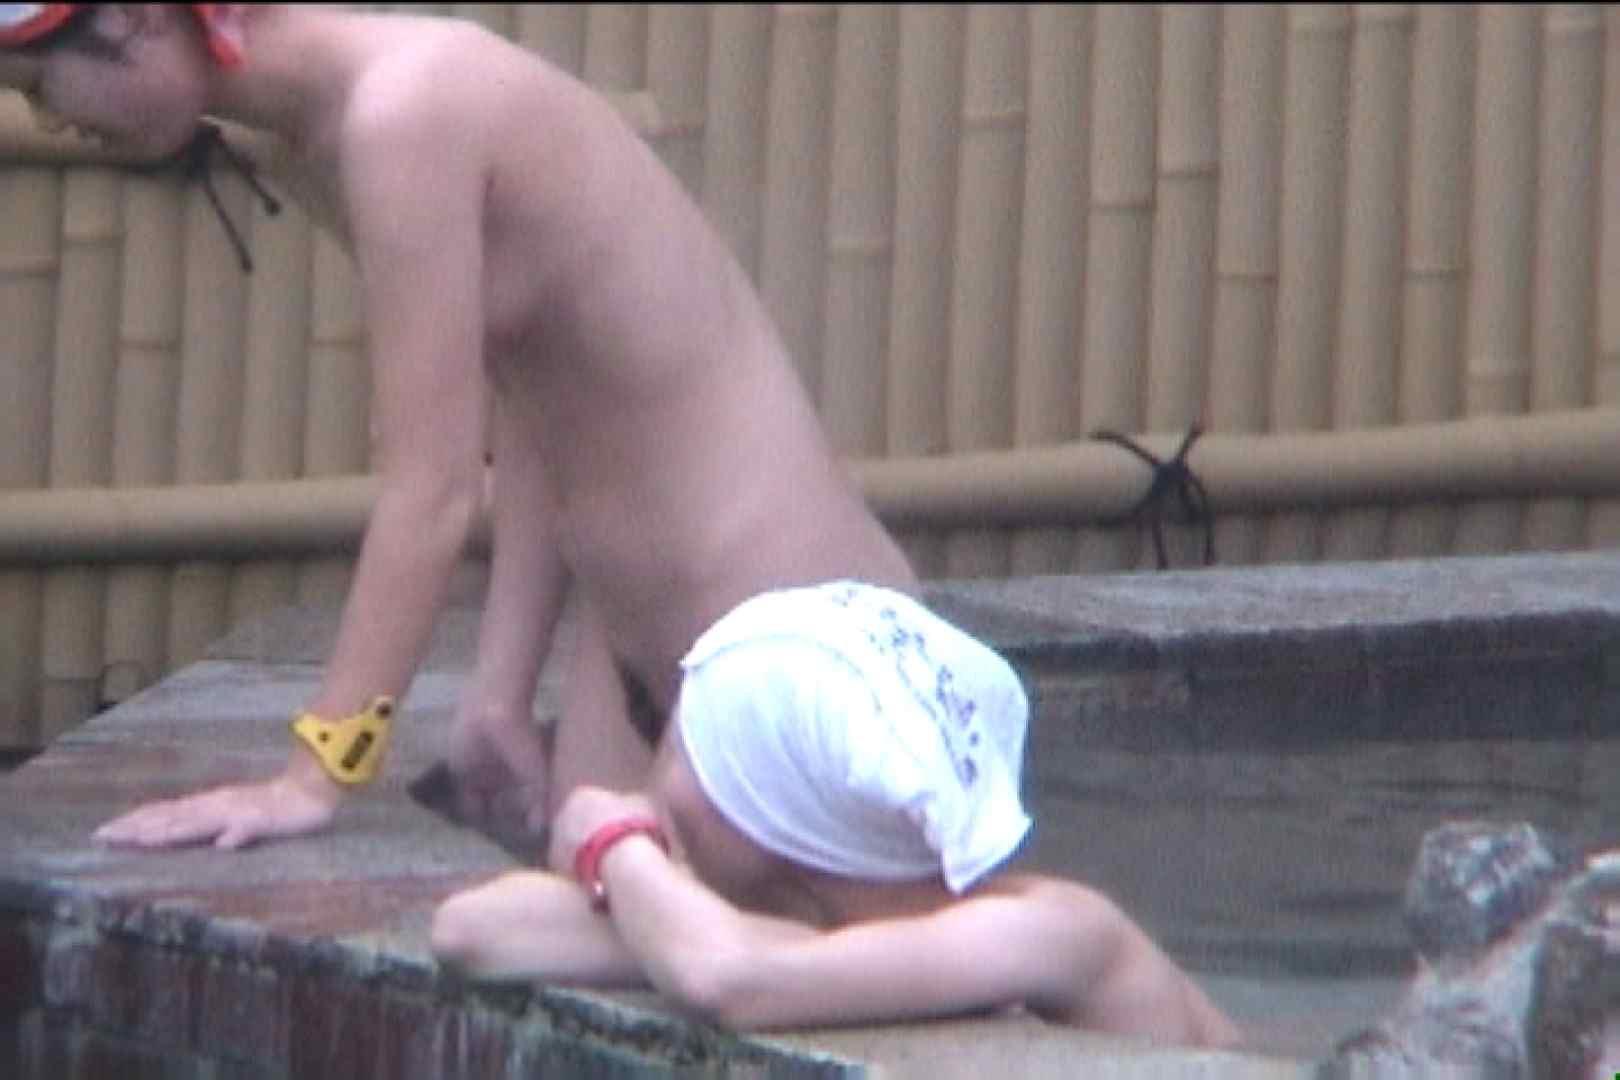 Aquaな露天風呂Vol.91【VIP限定】 盗撮師作品 | 美しいOLの裸体  77pic 55